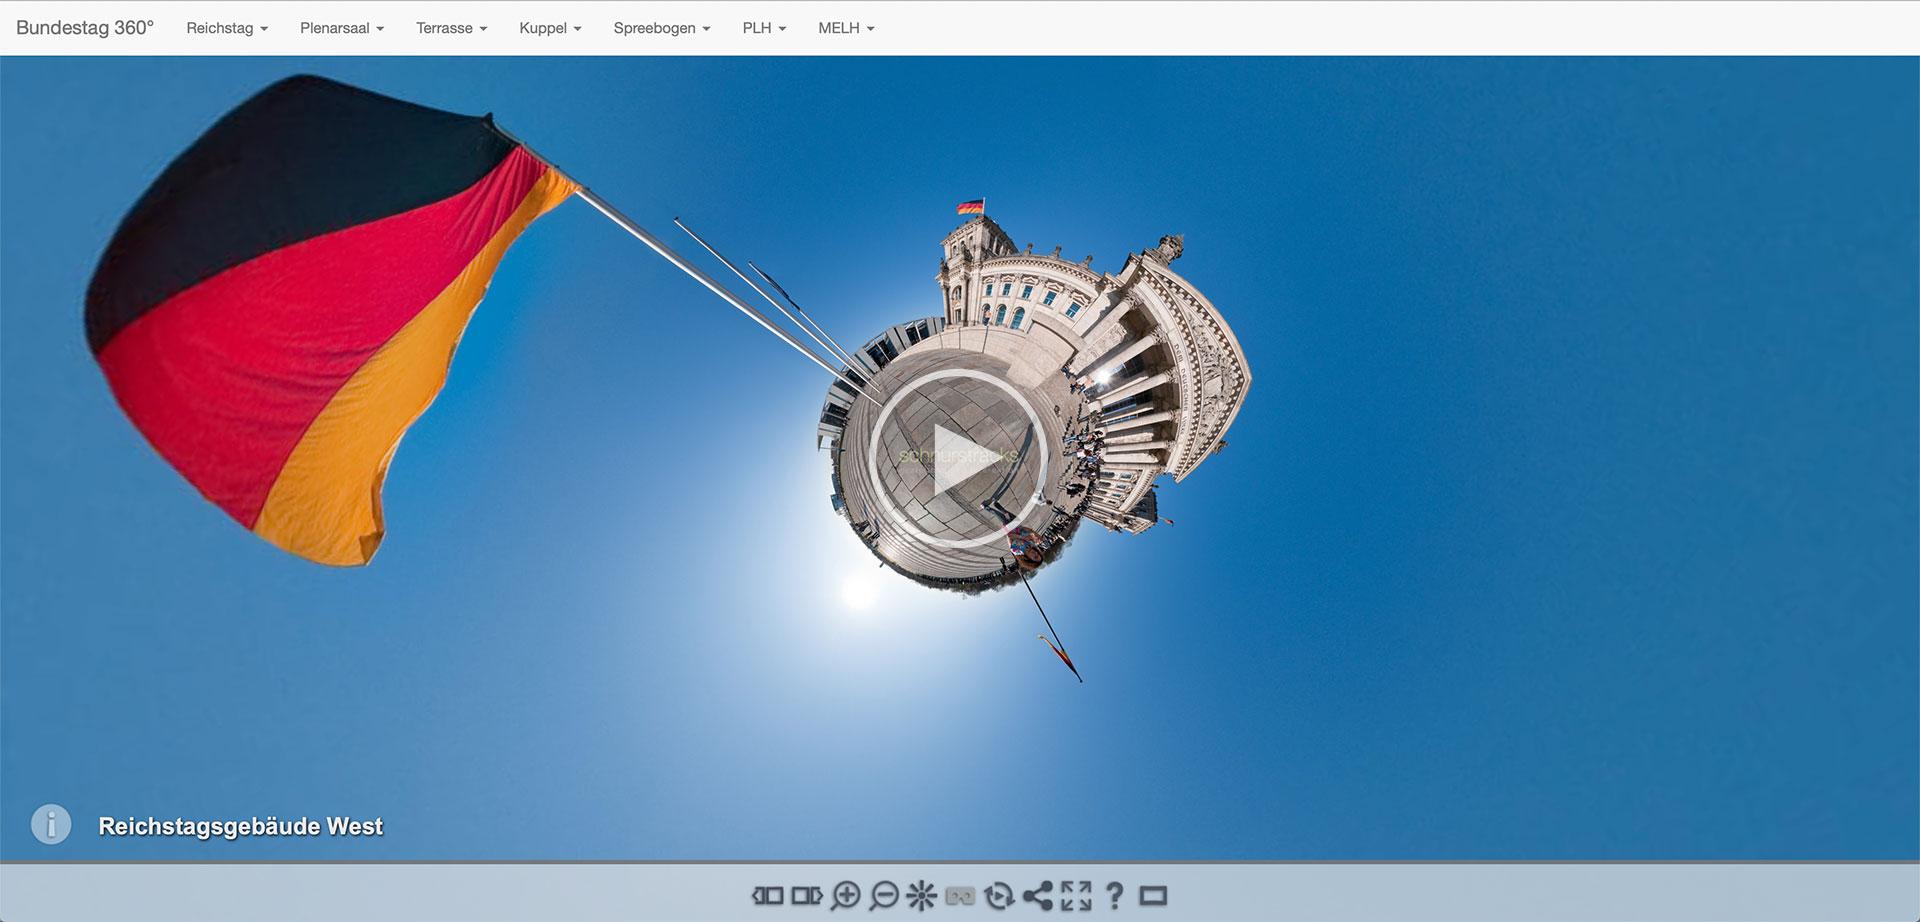 Virtuelle Tour mit mehr als50 Kugelpanoramen durch das Berliner Regierungsviertel